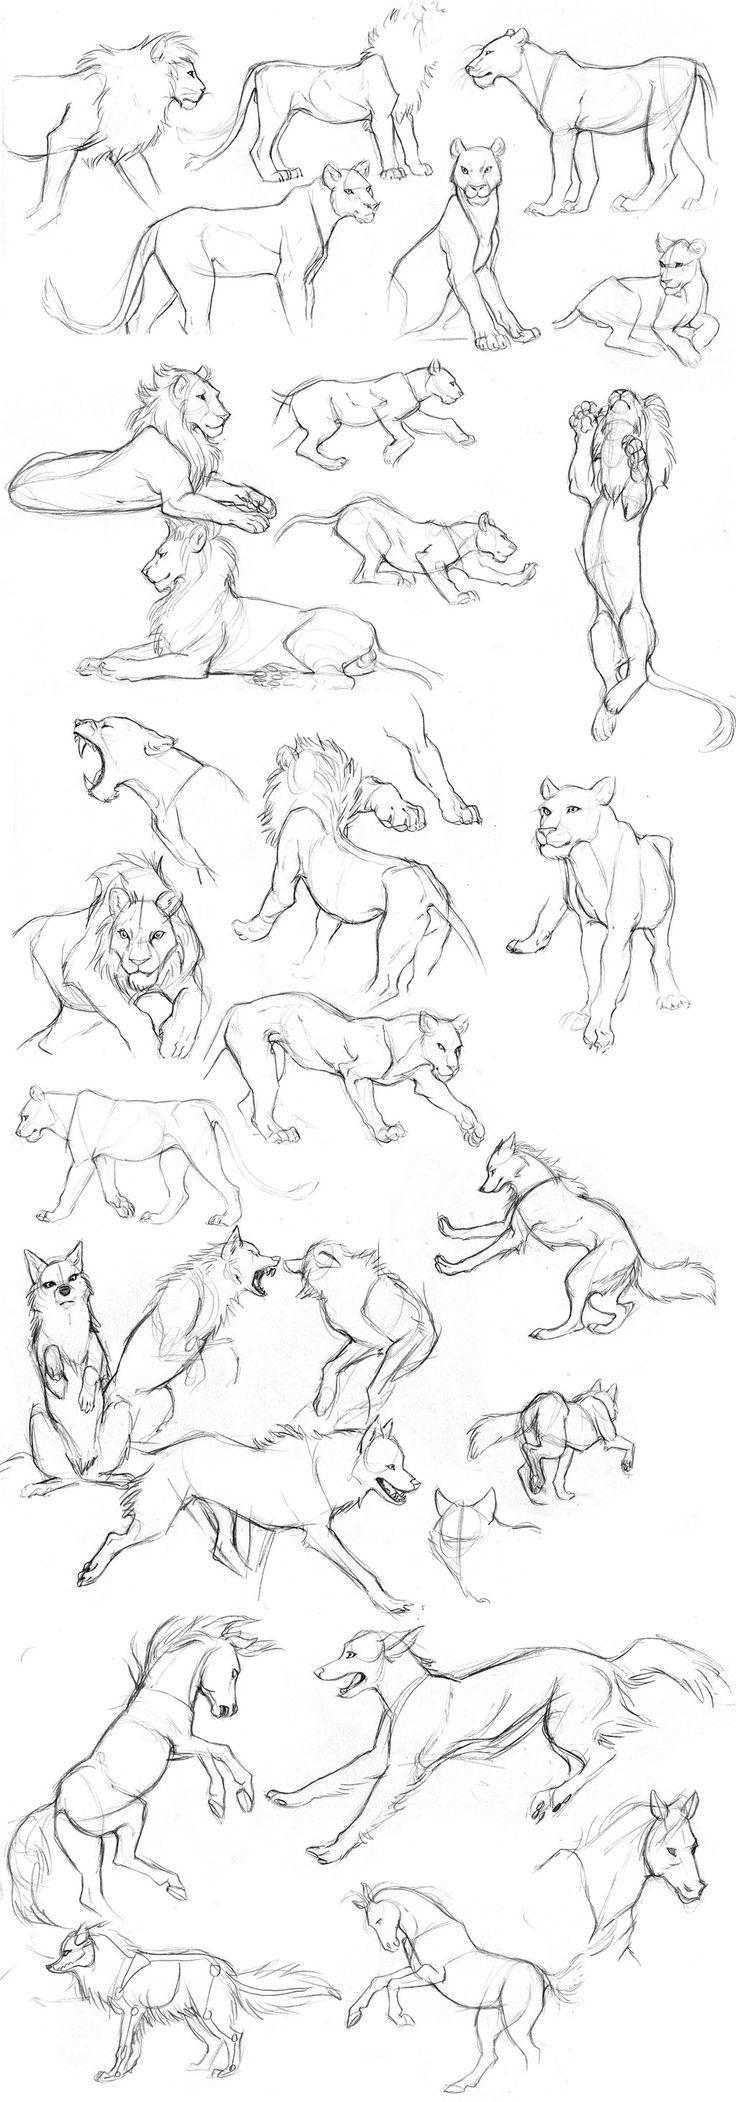 Animal sketches by Detkef on DeviantArt